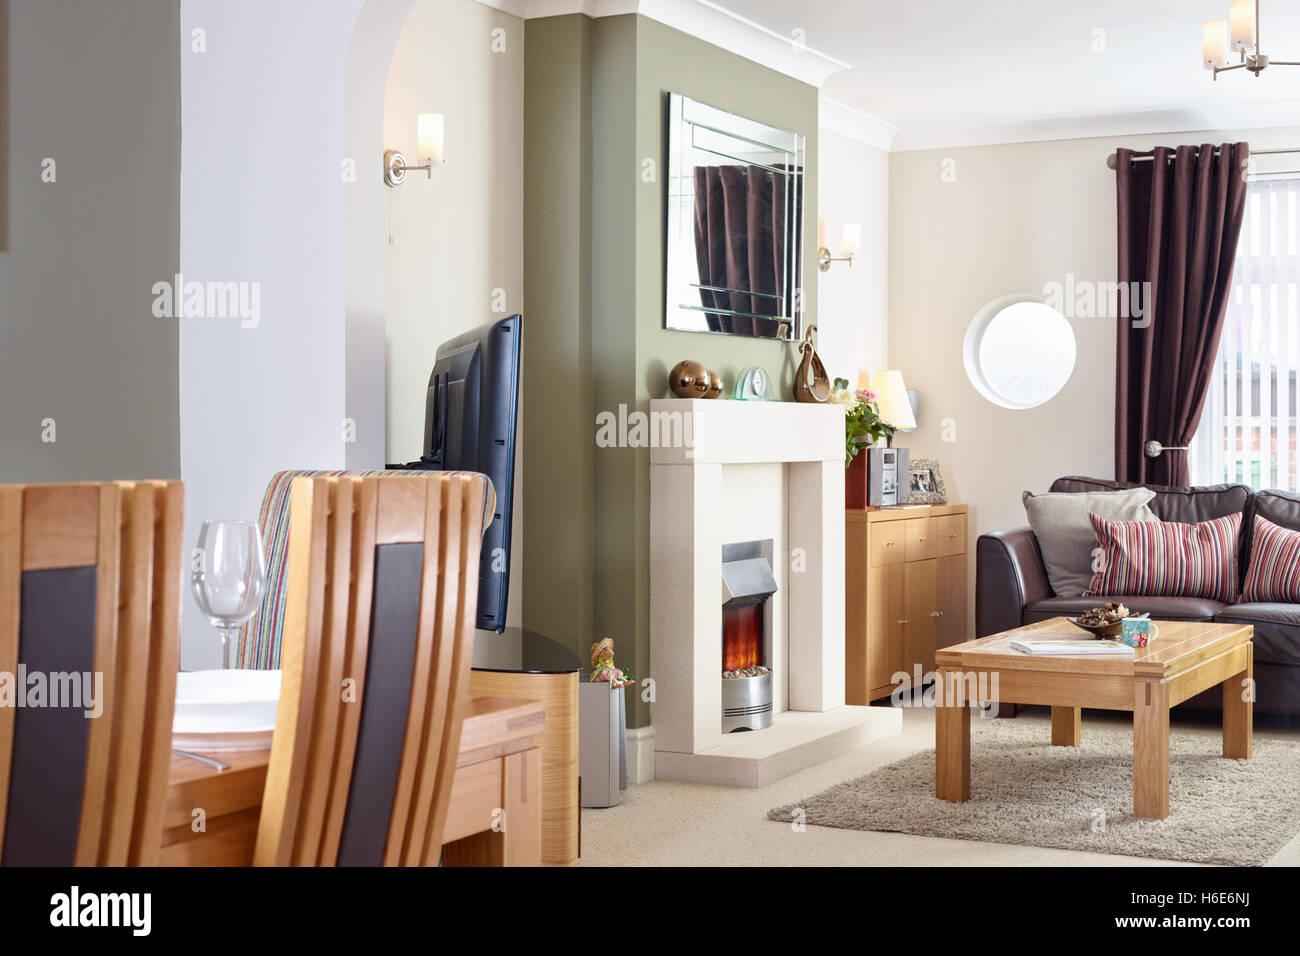 Ein Offenes Wohnzimmer Esszimmer Mit Kamin Elektrische Feuer In Einem Modernisierten Uk Home Stockfotografie Alamy